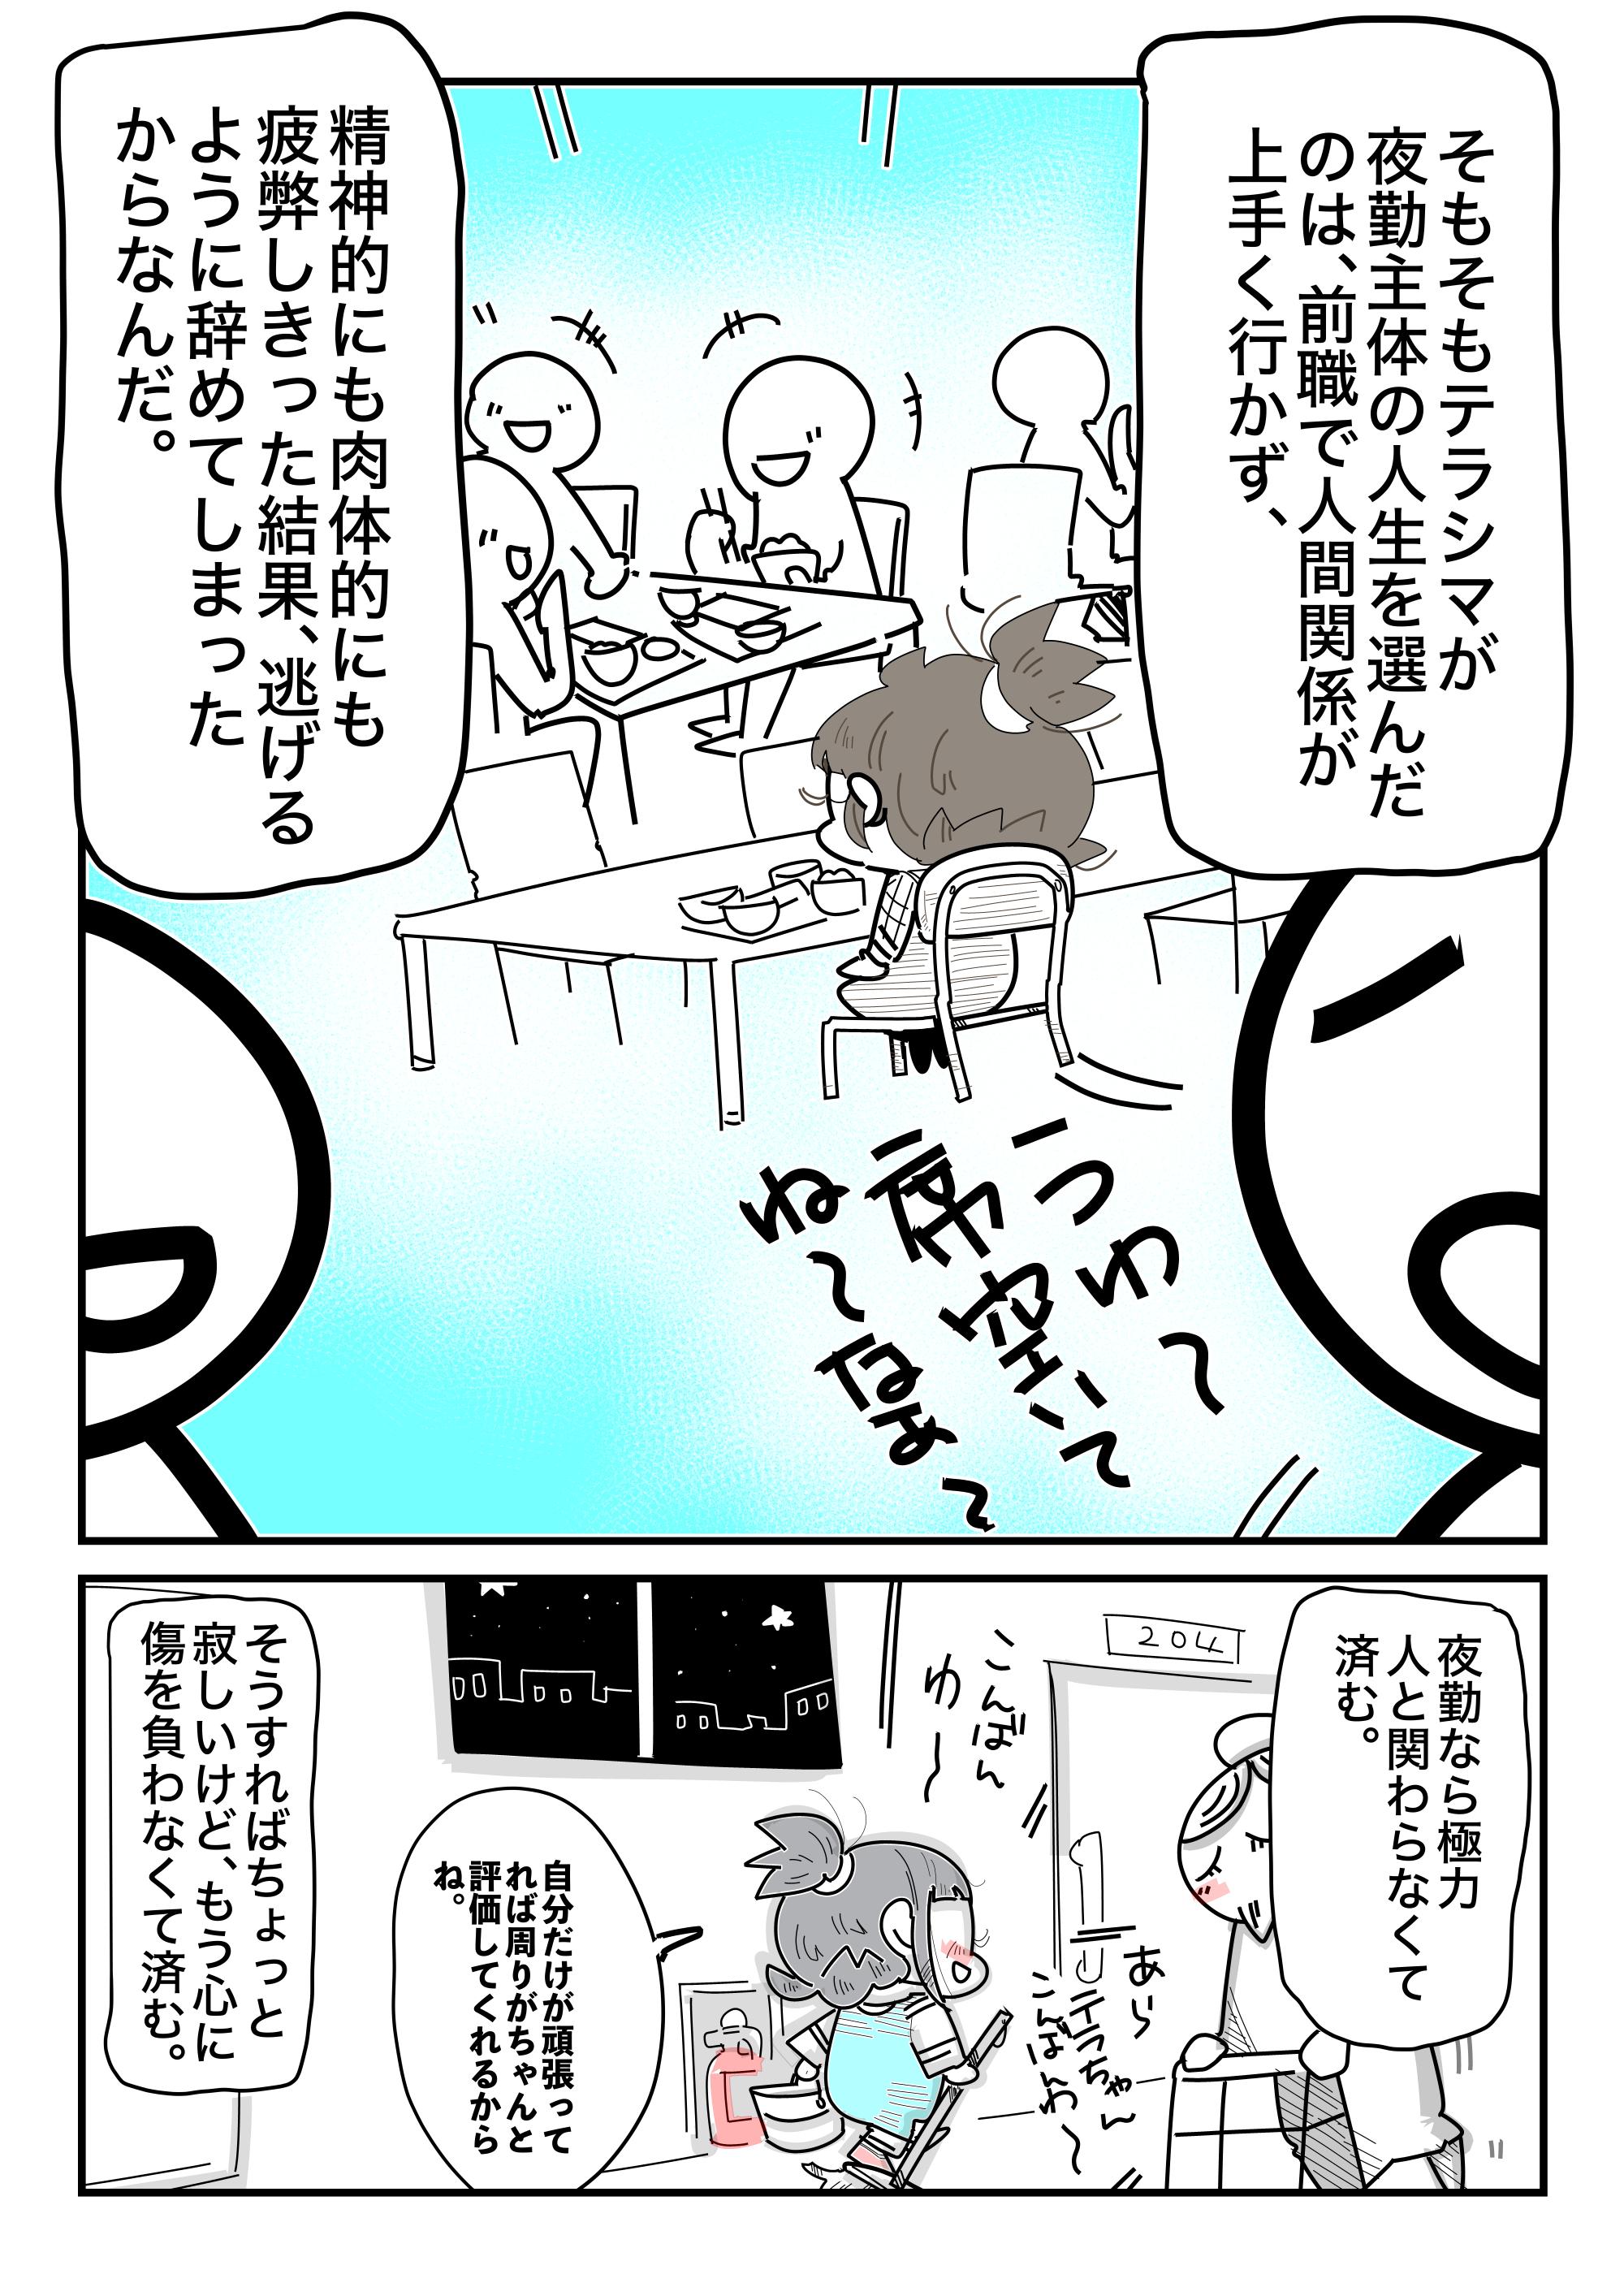 f:id:terashimaru117:20210908121848j:plain